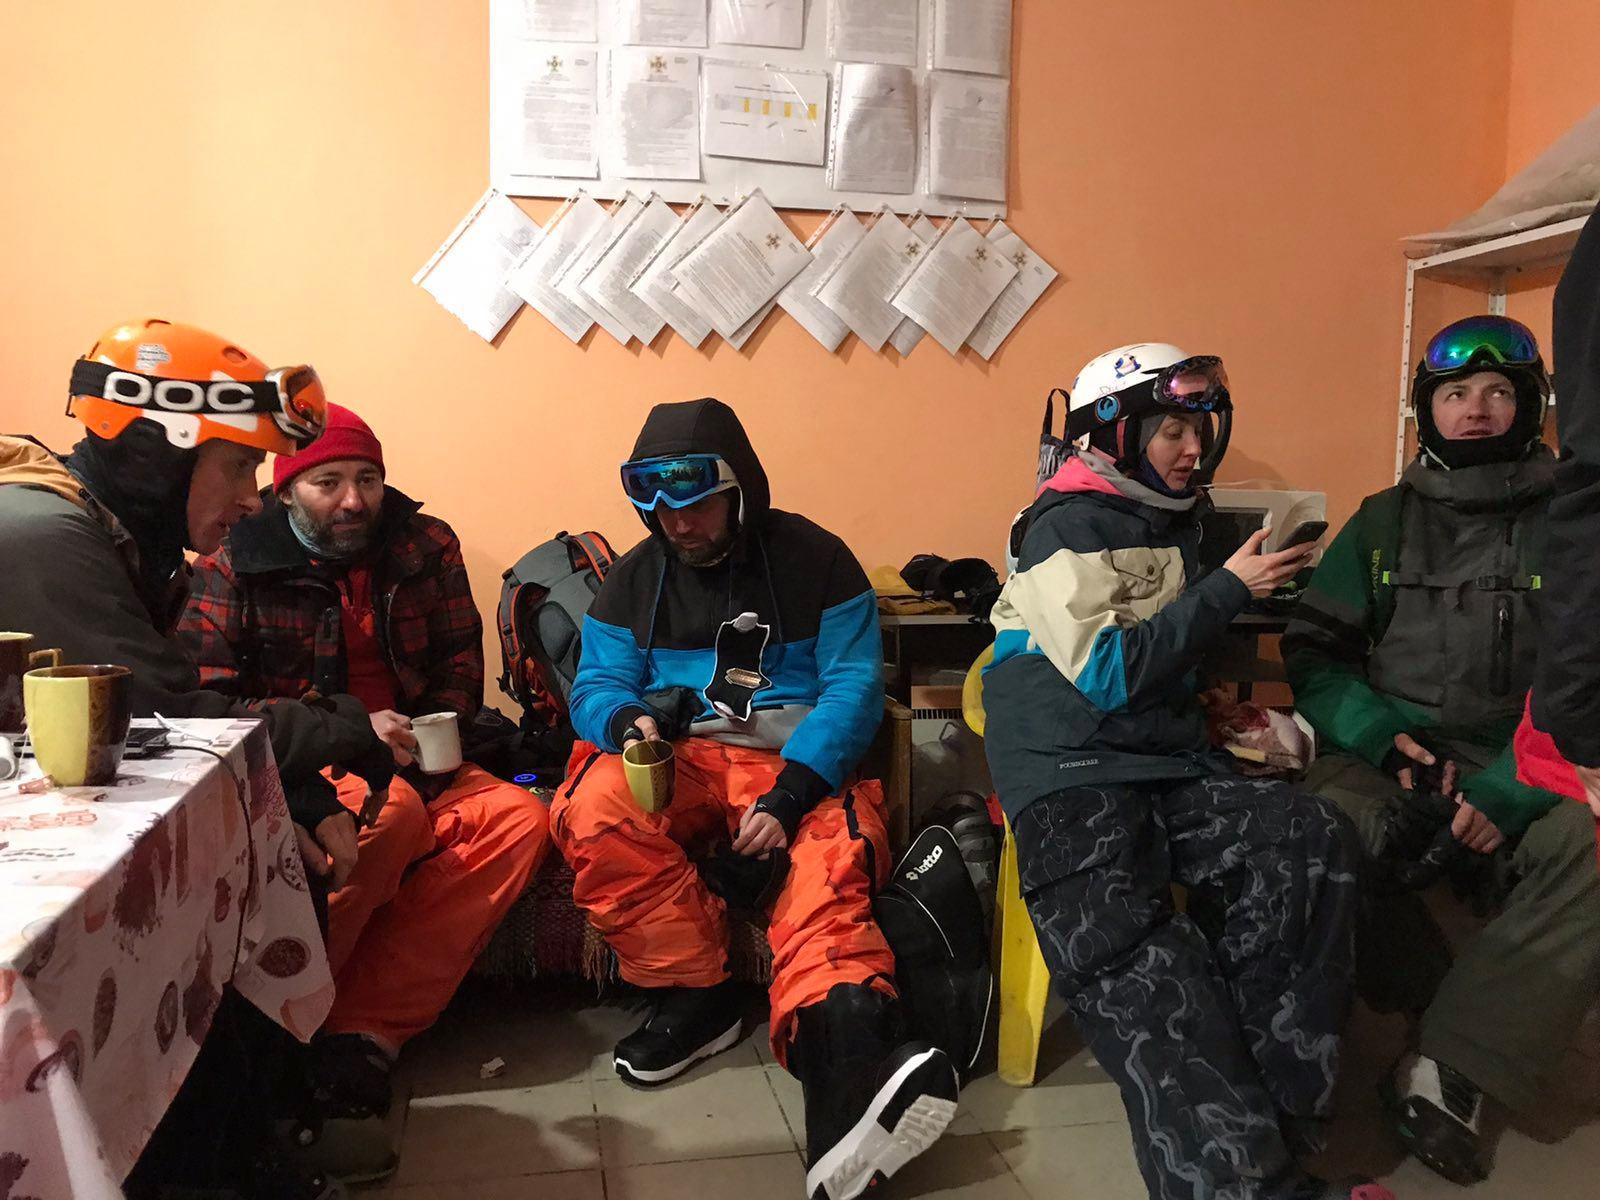 Небезпечні Карпати: рятувальники третій день поспіль шукають киянина (відео) - туристи, Карпати, зникнення - 150548858 3815679205165616 4443445644535995061 o